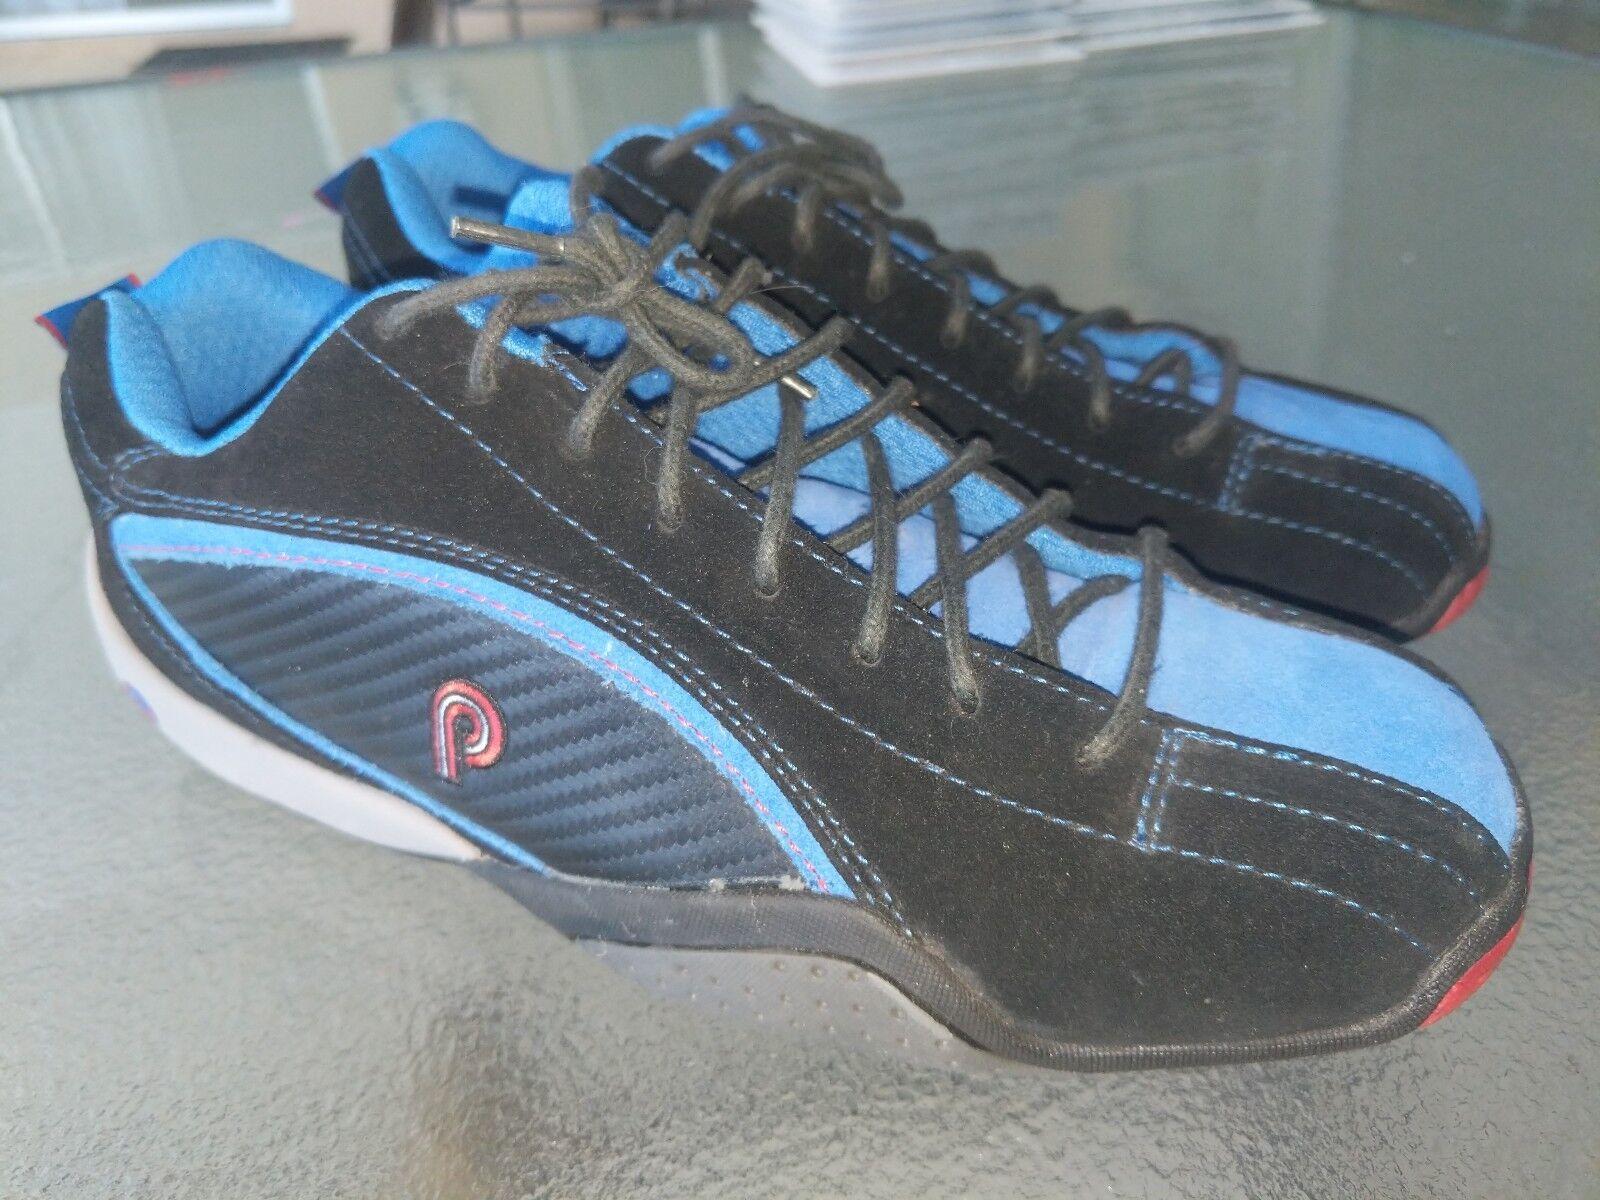 Piloti Sebring Black   bluee Leather Driving Race shoes Mens Sz 7 Mint Condition